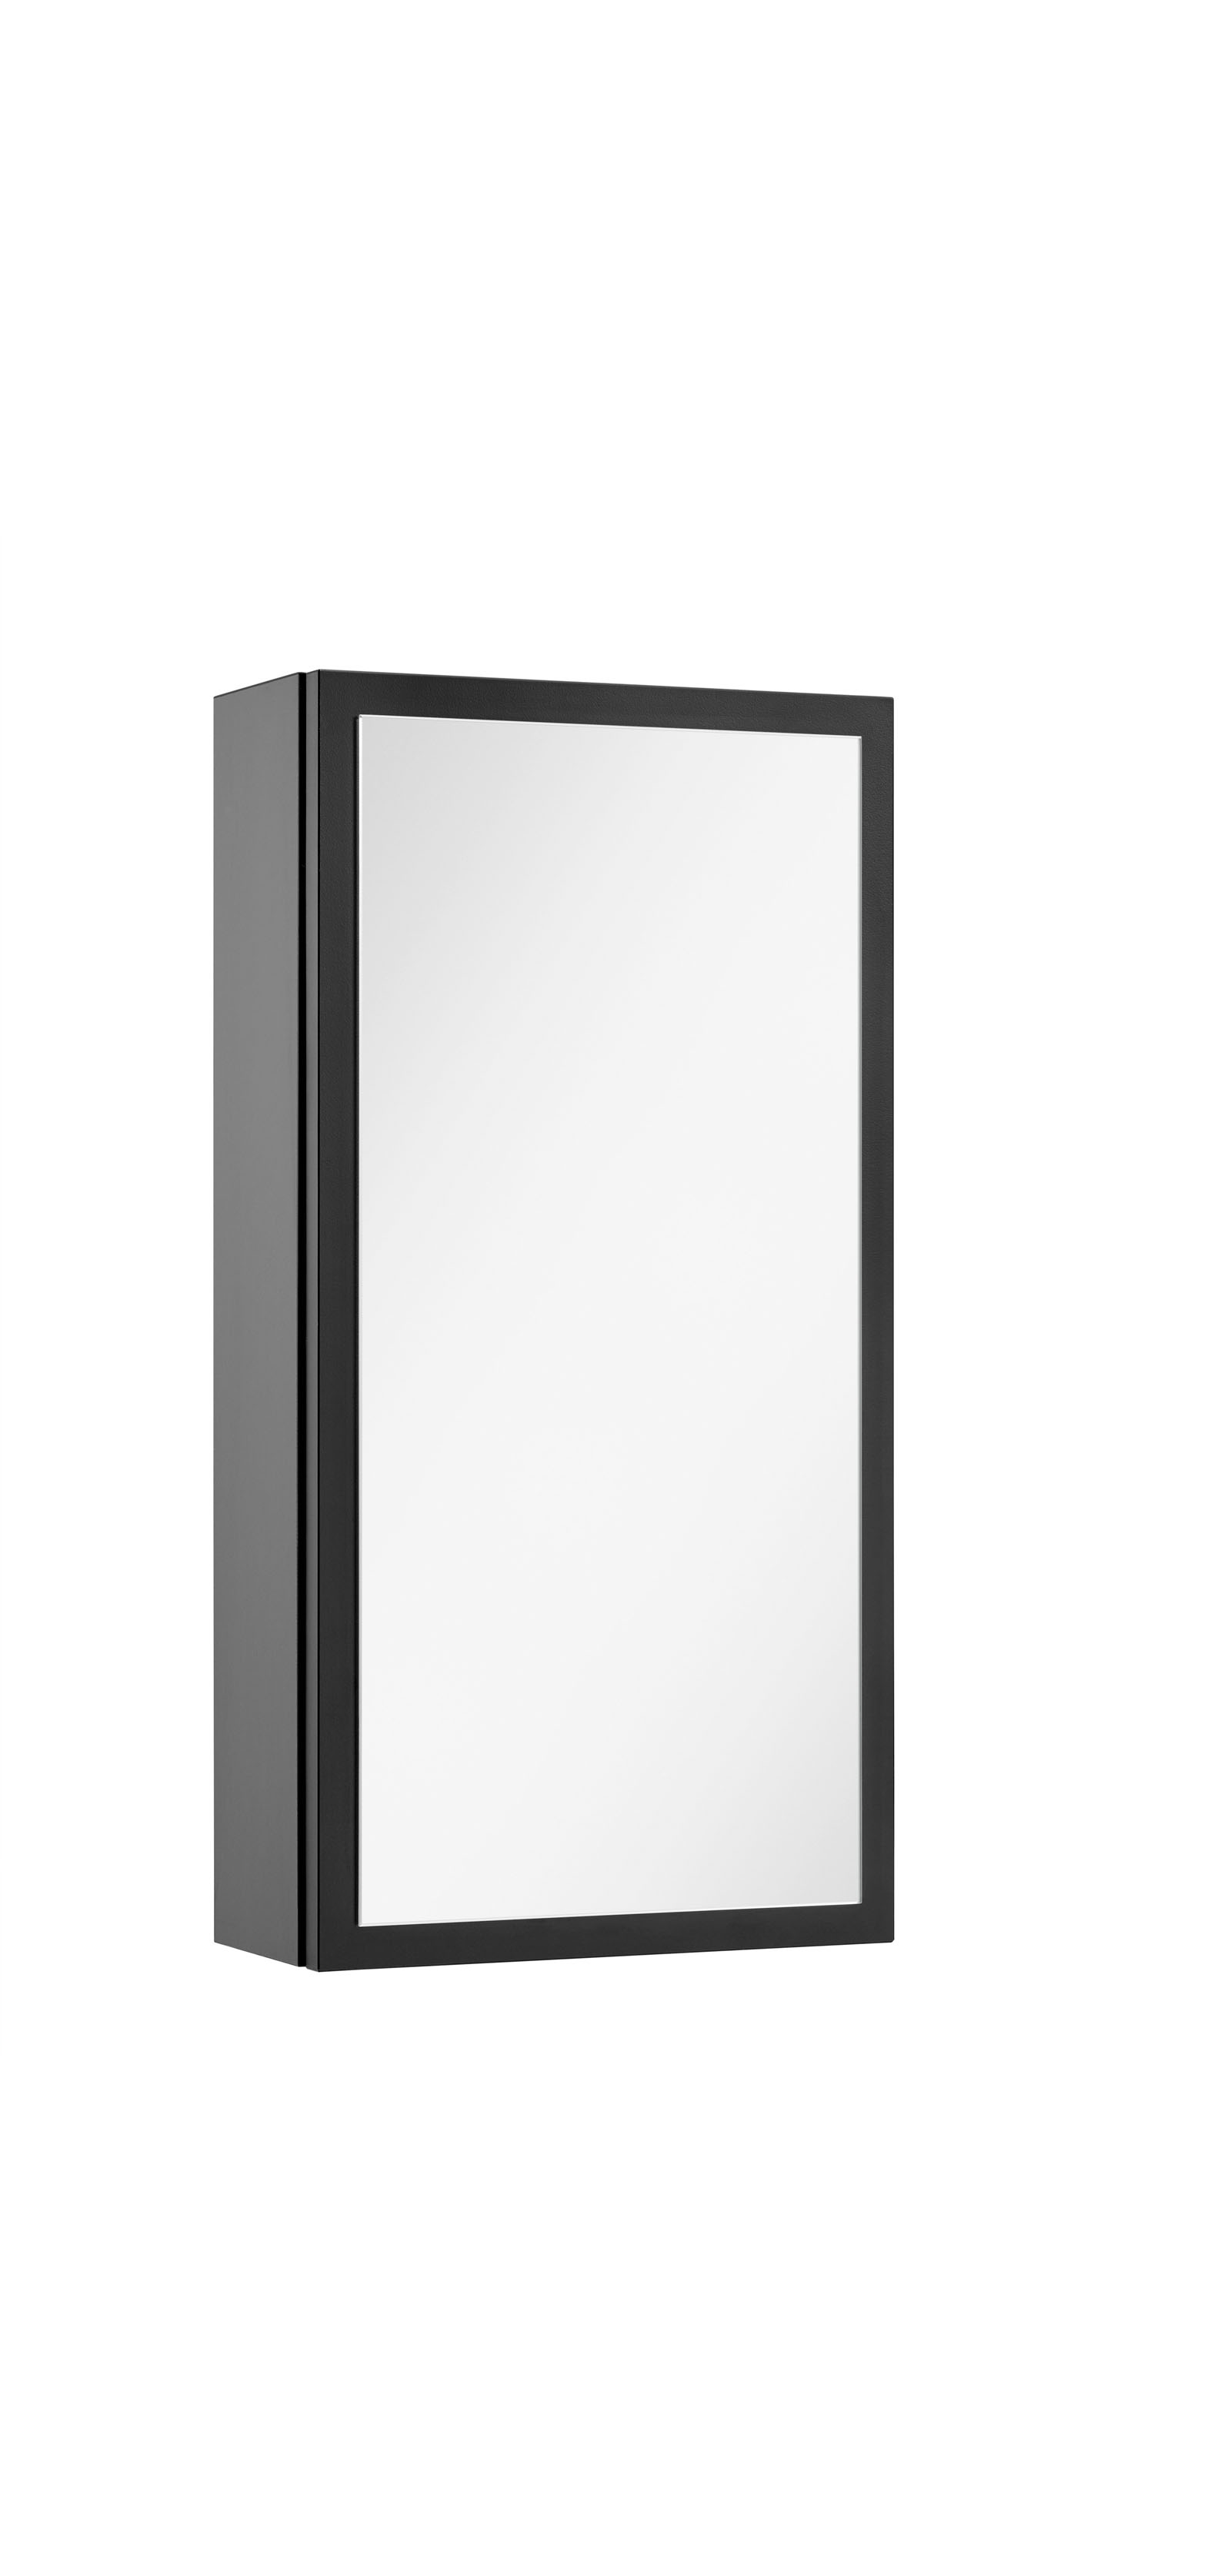 vtwonen baden Stock spiegelkast links 30 x 60 cm. black